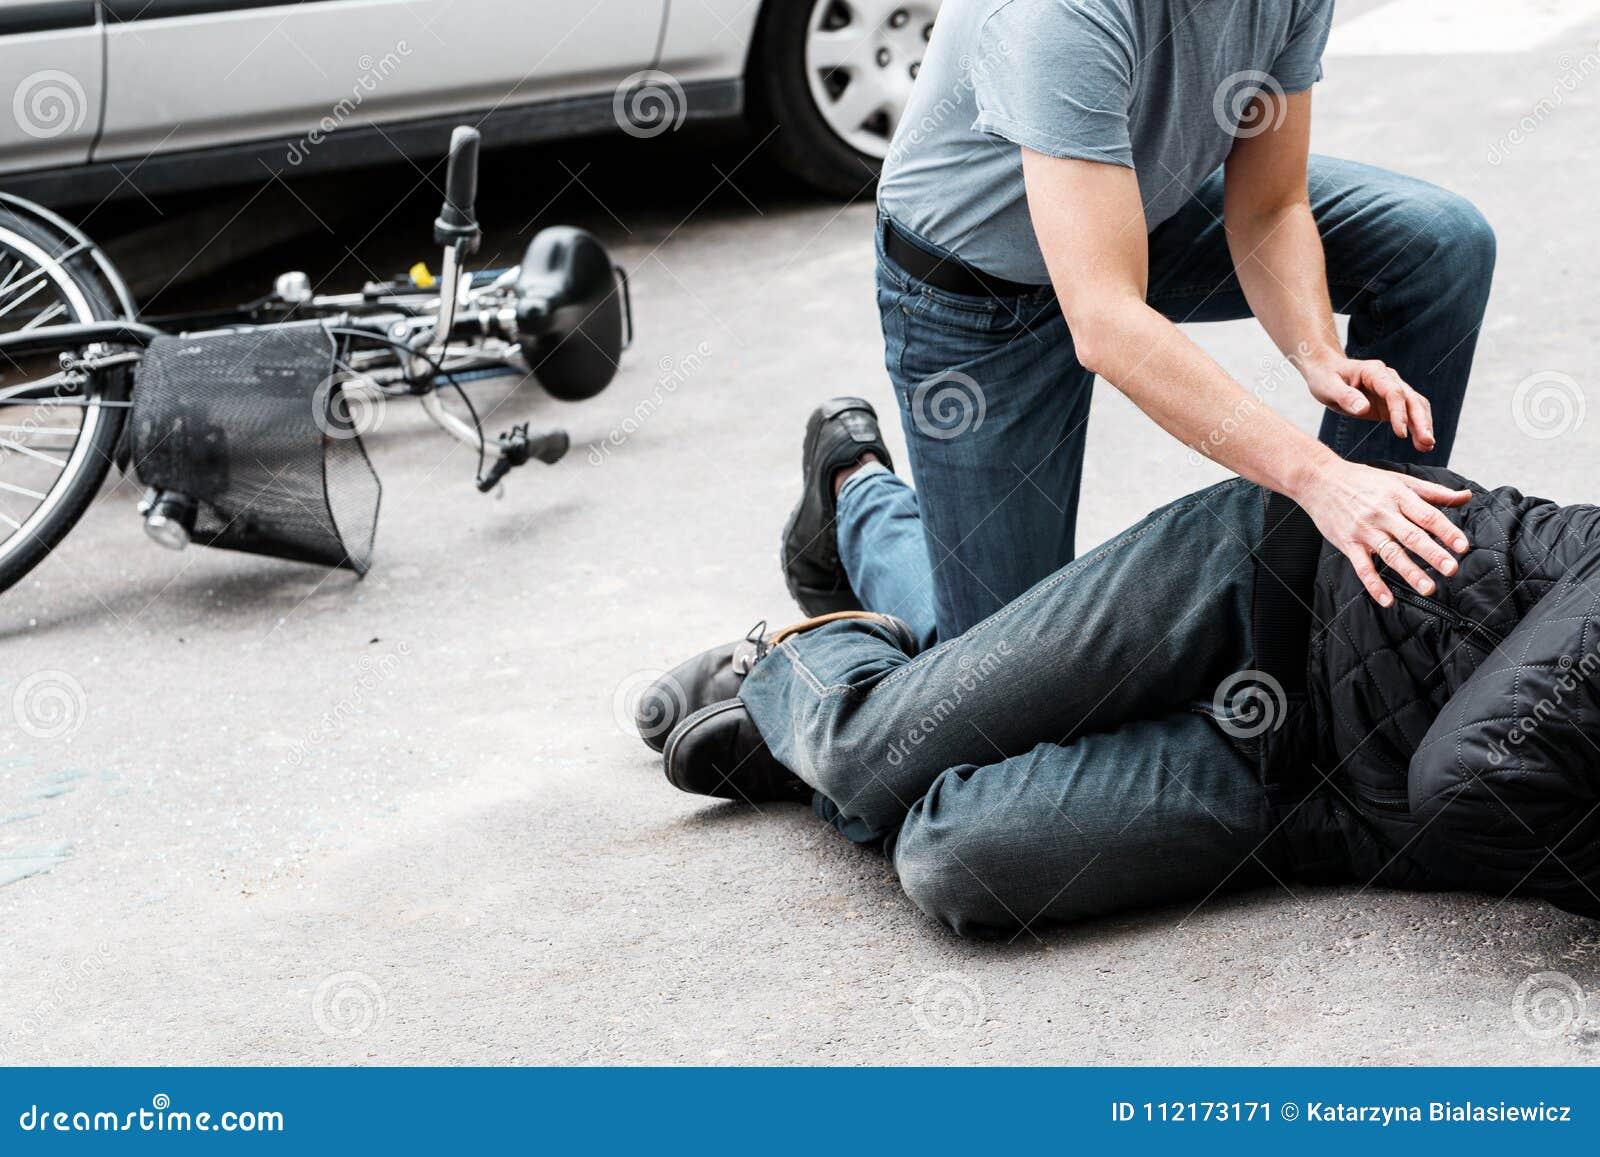 Helfendes Unfallfußgängeropfer